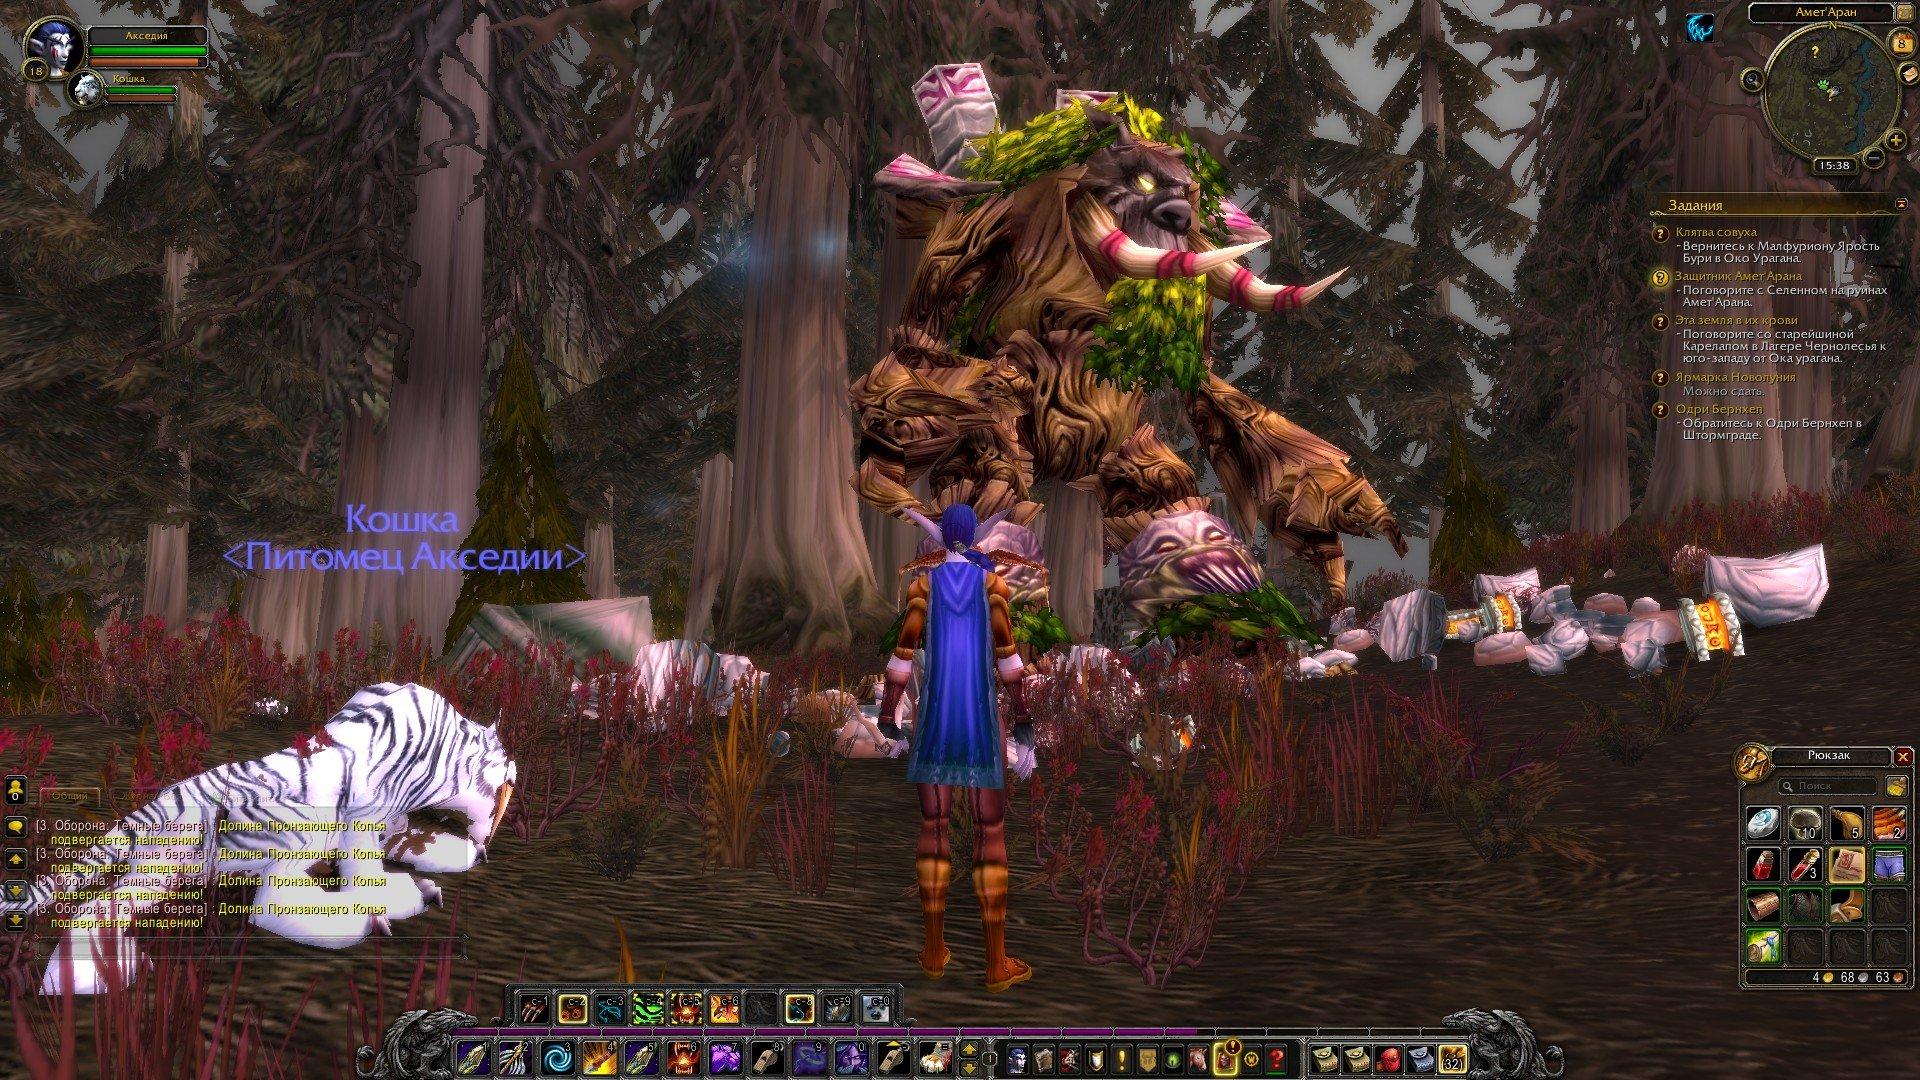 Путешествие по World of Warcraft ... Ночной Эльф. Глава 2. - Изображение 13